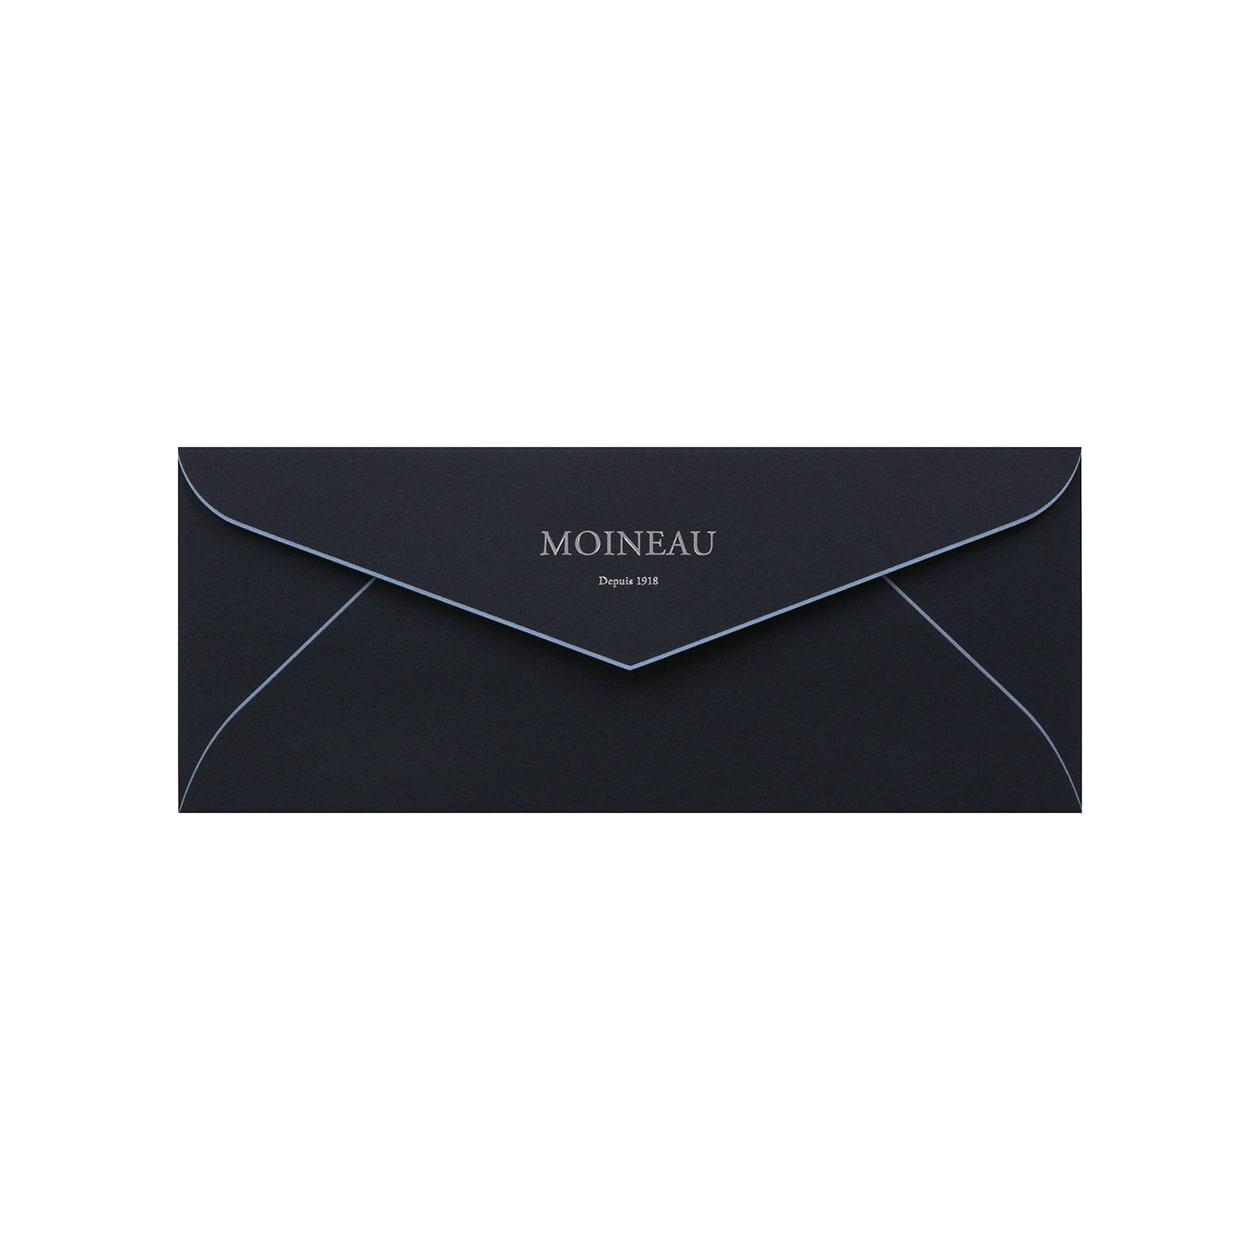 サンプル 封筒・袋 00121